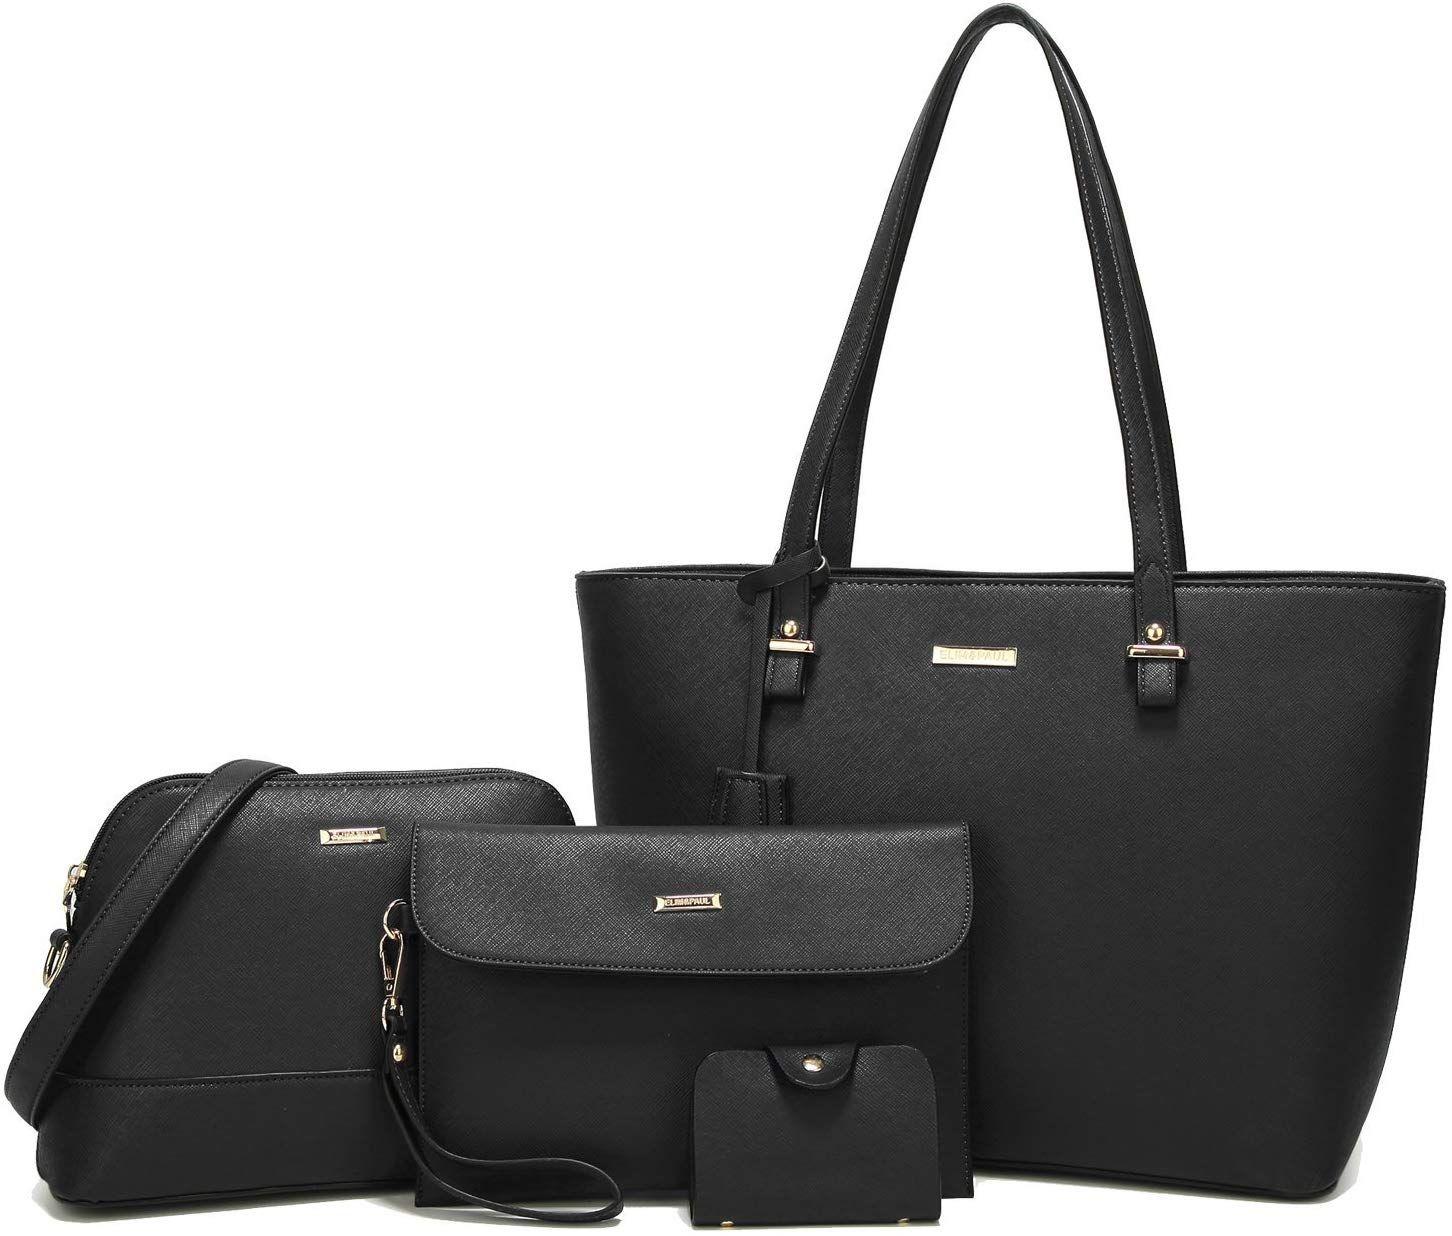 Leder Damentasche Groß Shopper Bag Handtasche Schultertasche Tragetasche Schwarz